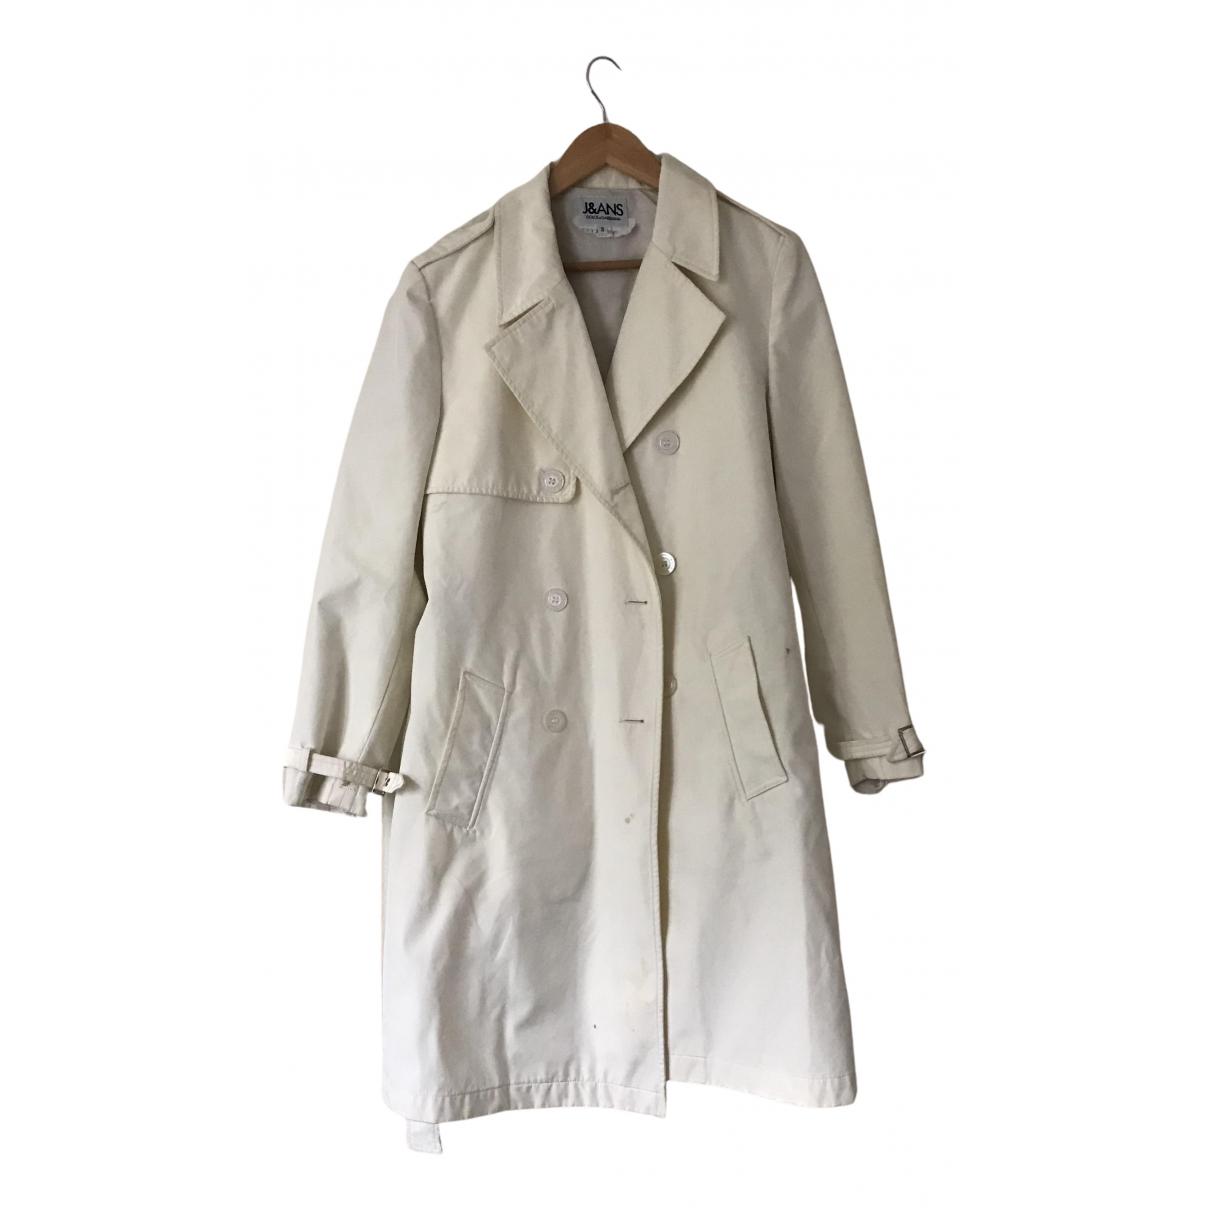 D&g - Manteau   pour femme - ecru